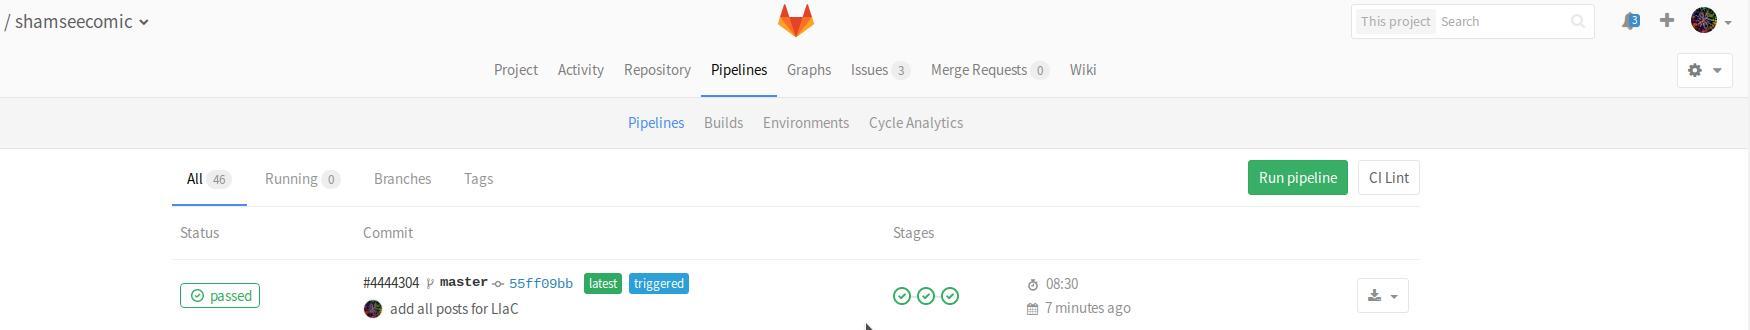 Gitlab Pipeline Log